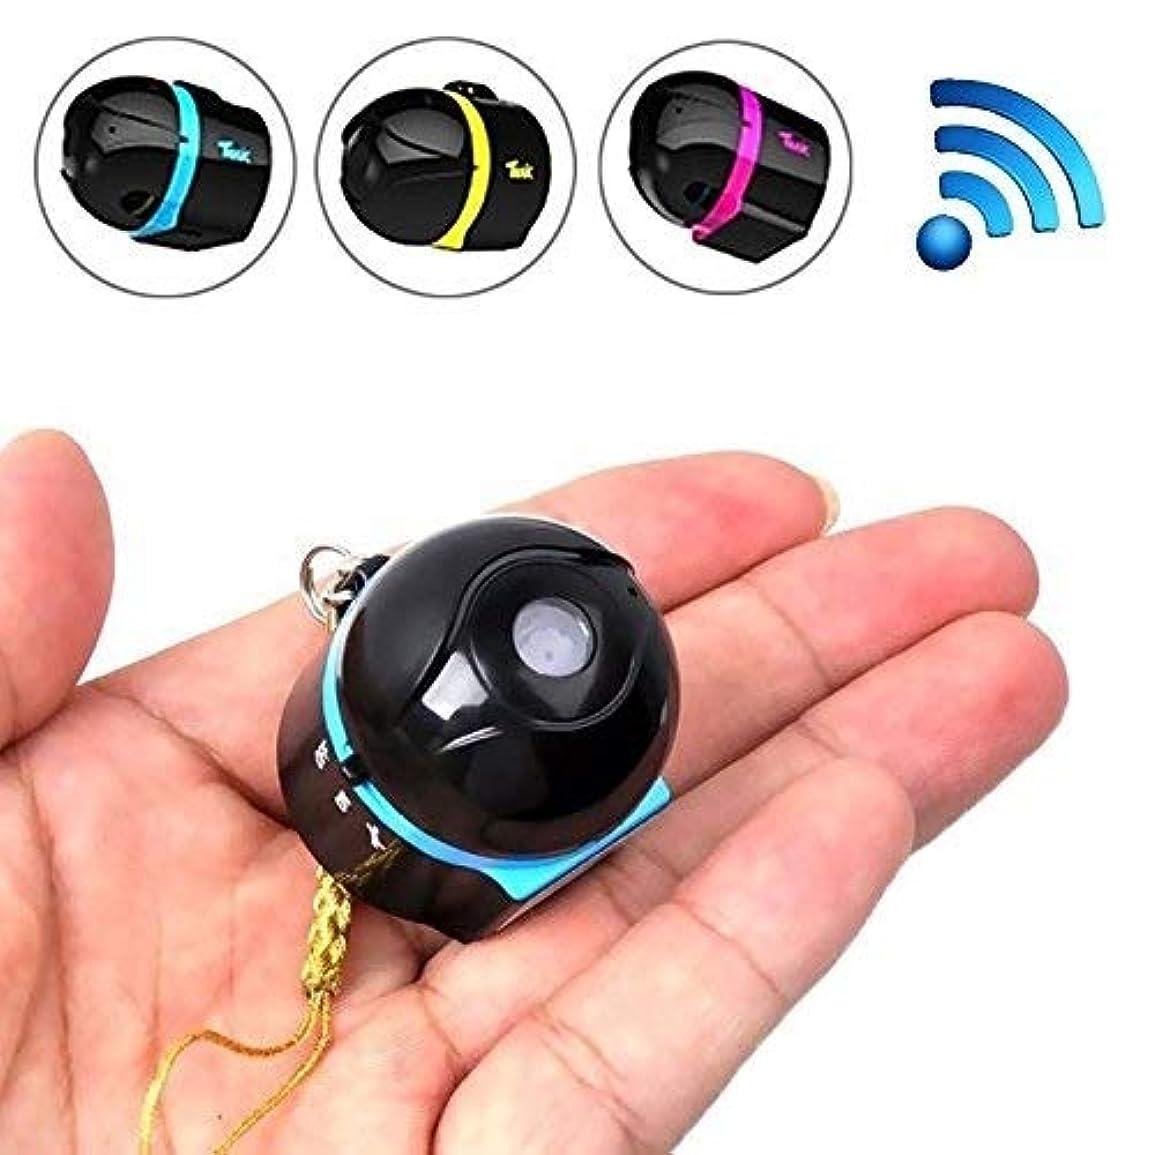 終わらせるシール泥だらけLT 洲州監視カメラHD監視監視カメラAi-Ball Mini WifiサポートビデオレコーディングiOS/android/その他のWifiデバイス、ランダムカラー配信屋外監視カメラ